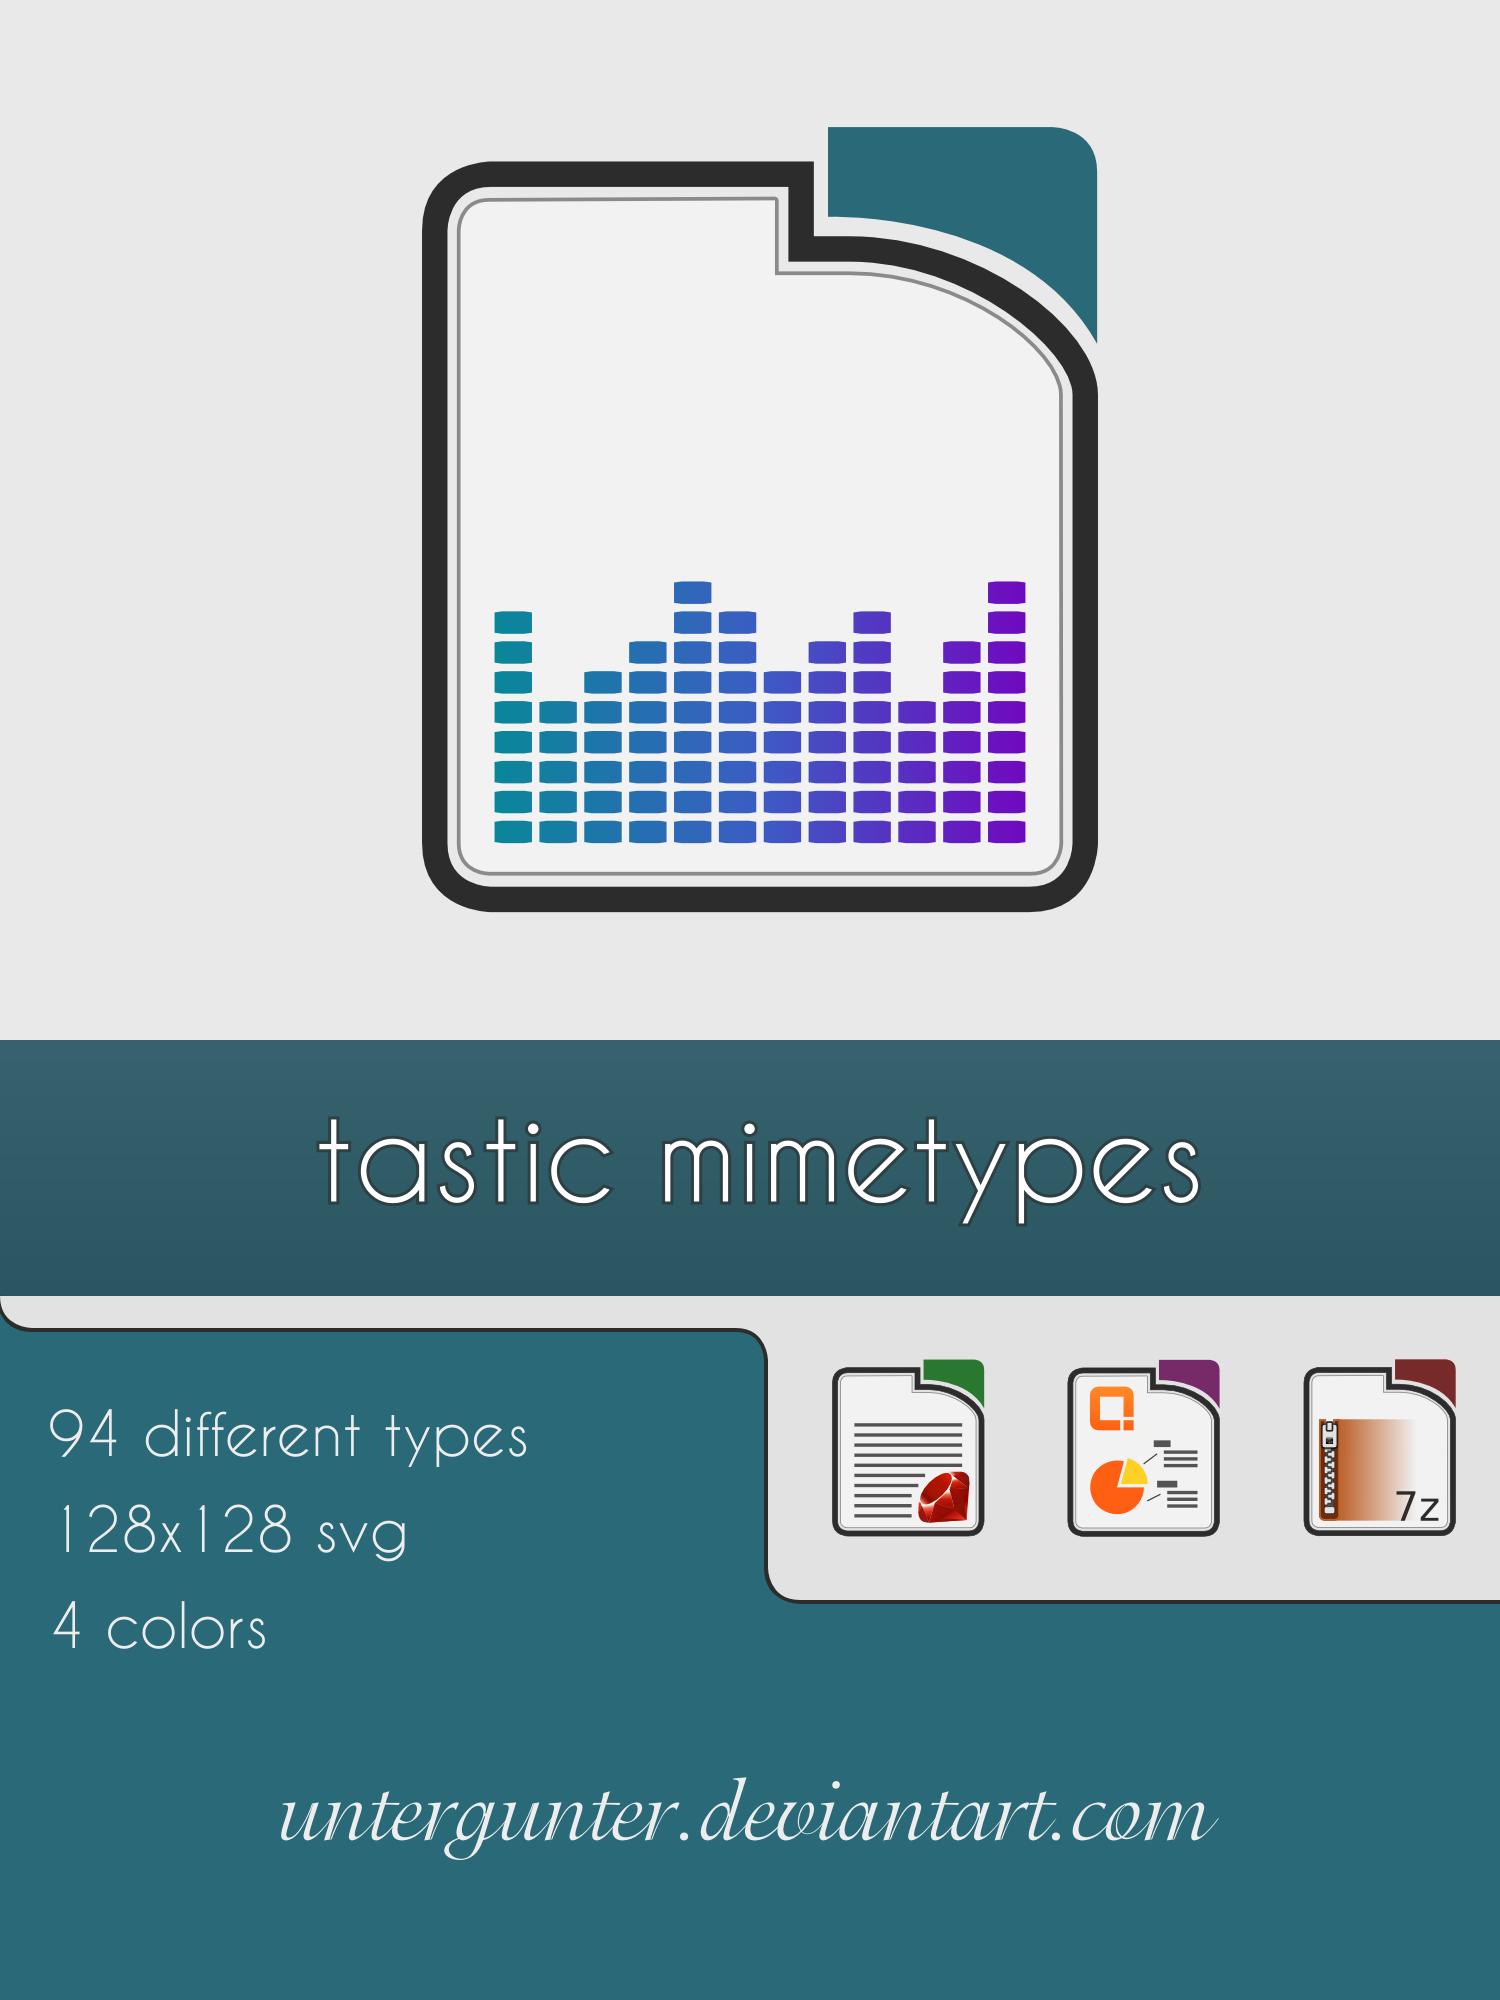 Tastic Mimetypes by Untergunter